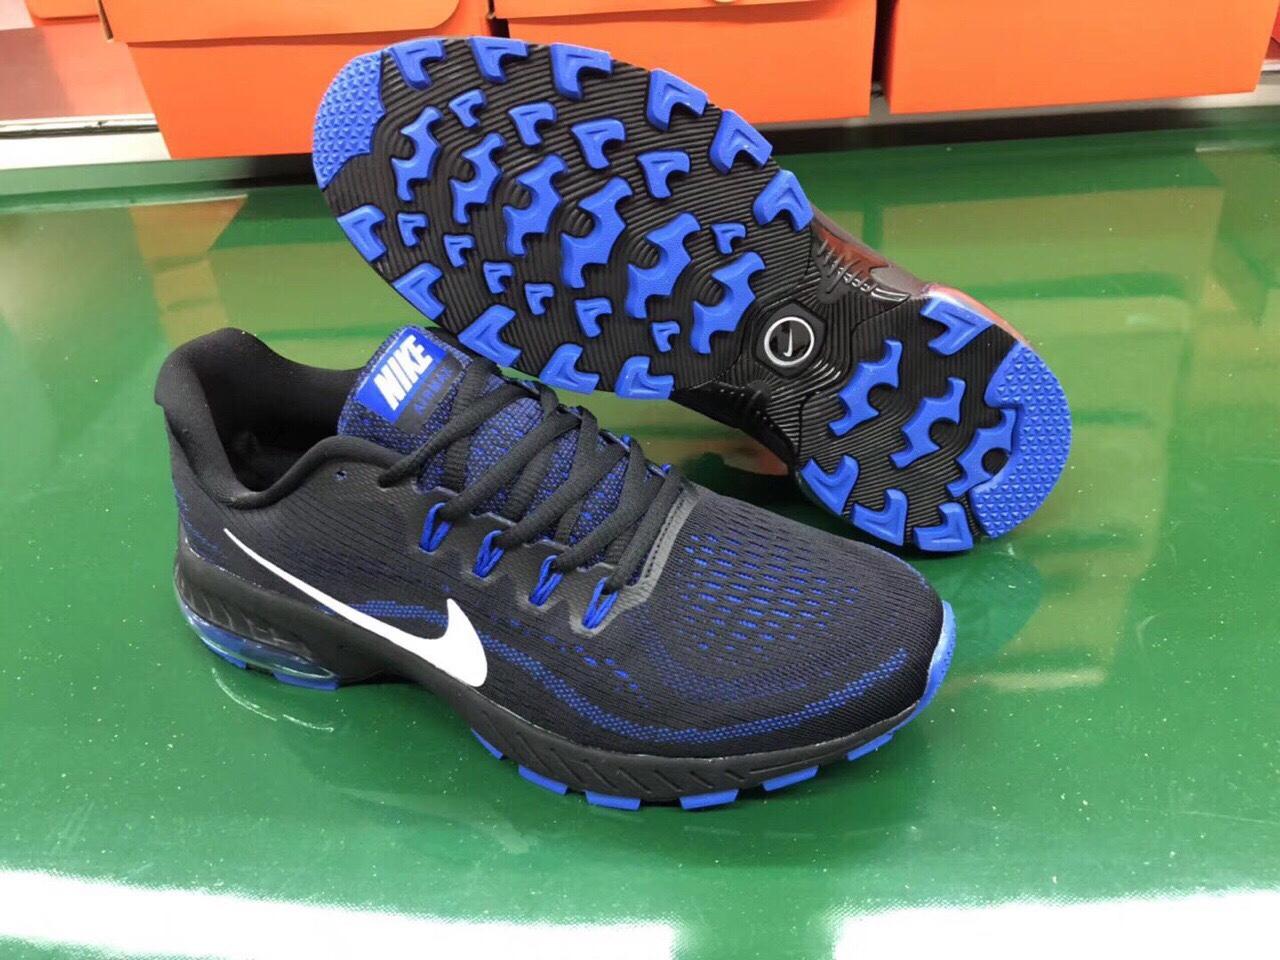 Giày Nike Air Max SF Đen Blue Size 40